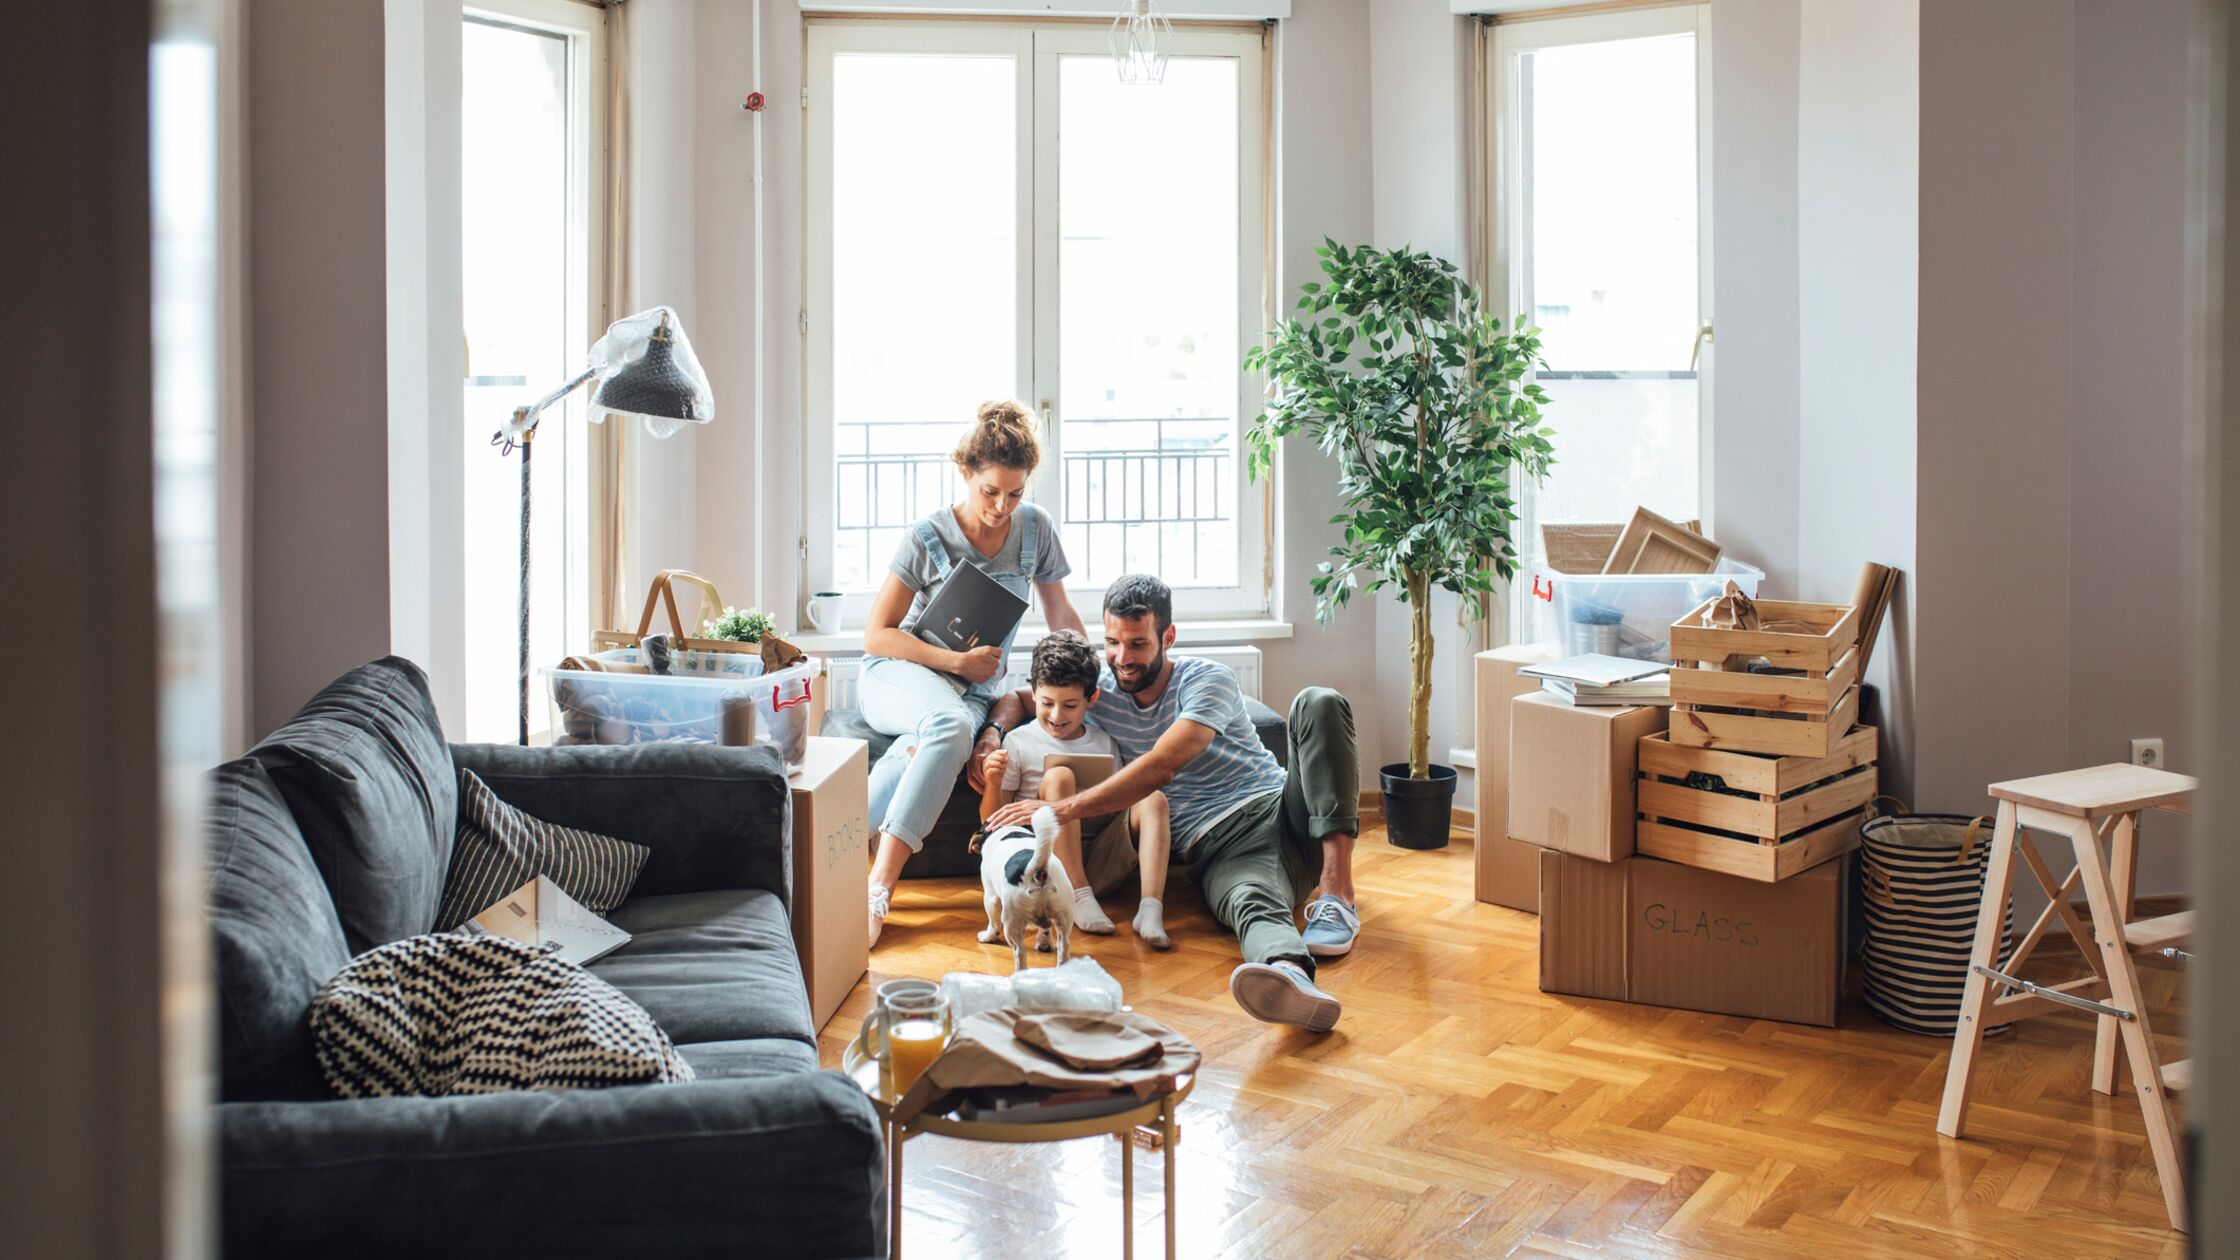 Familie mit Kind und Hund in schöner Wohnung